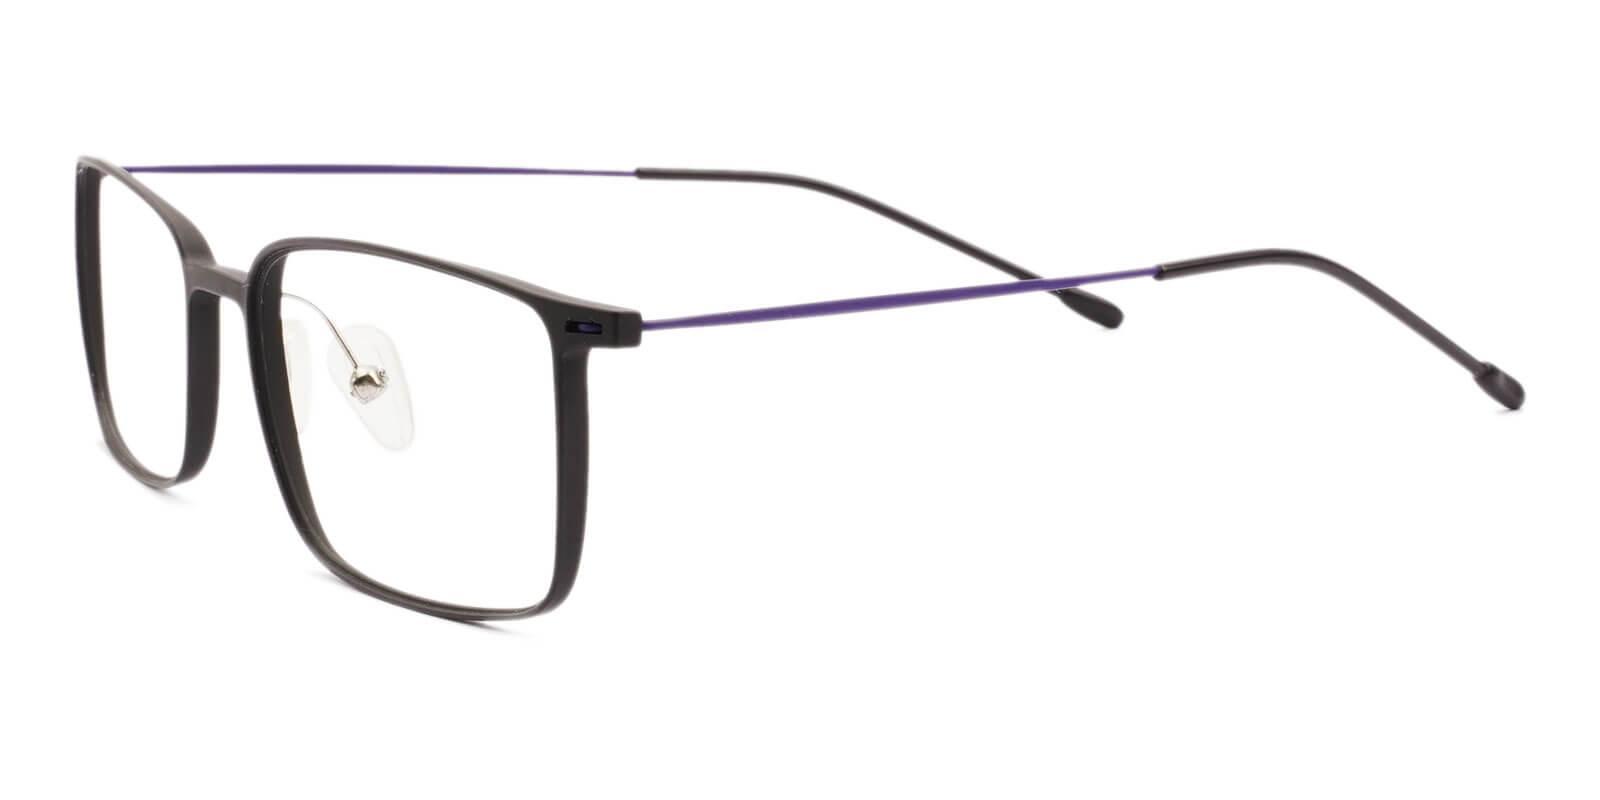 Philadelphia Black Combination Lightweight , NosePads , Eyeglasses Frames from ABBE Glasses